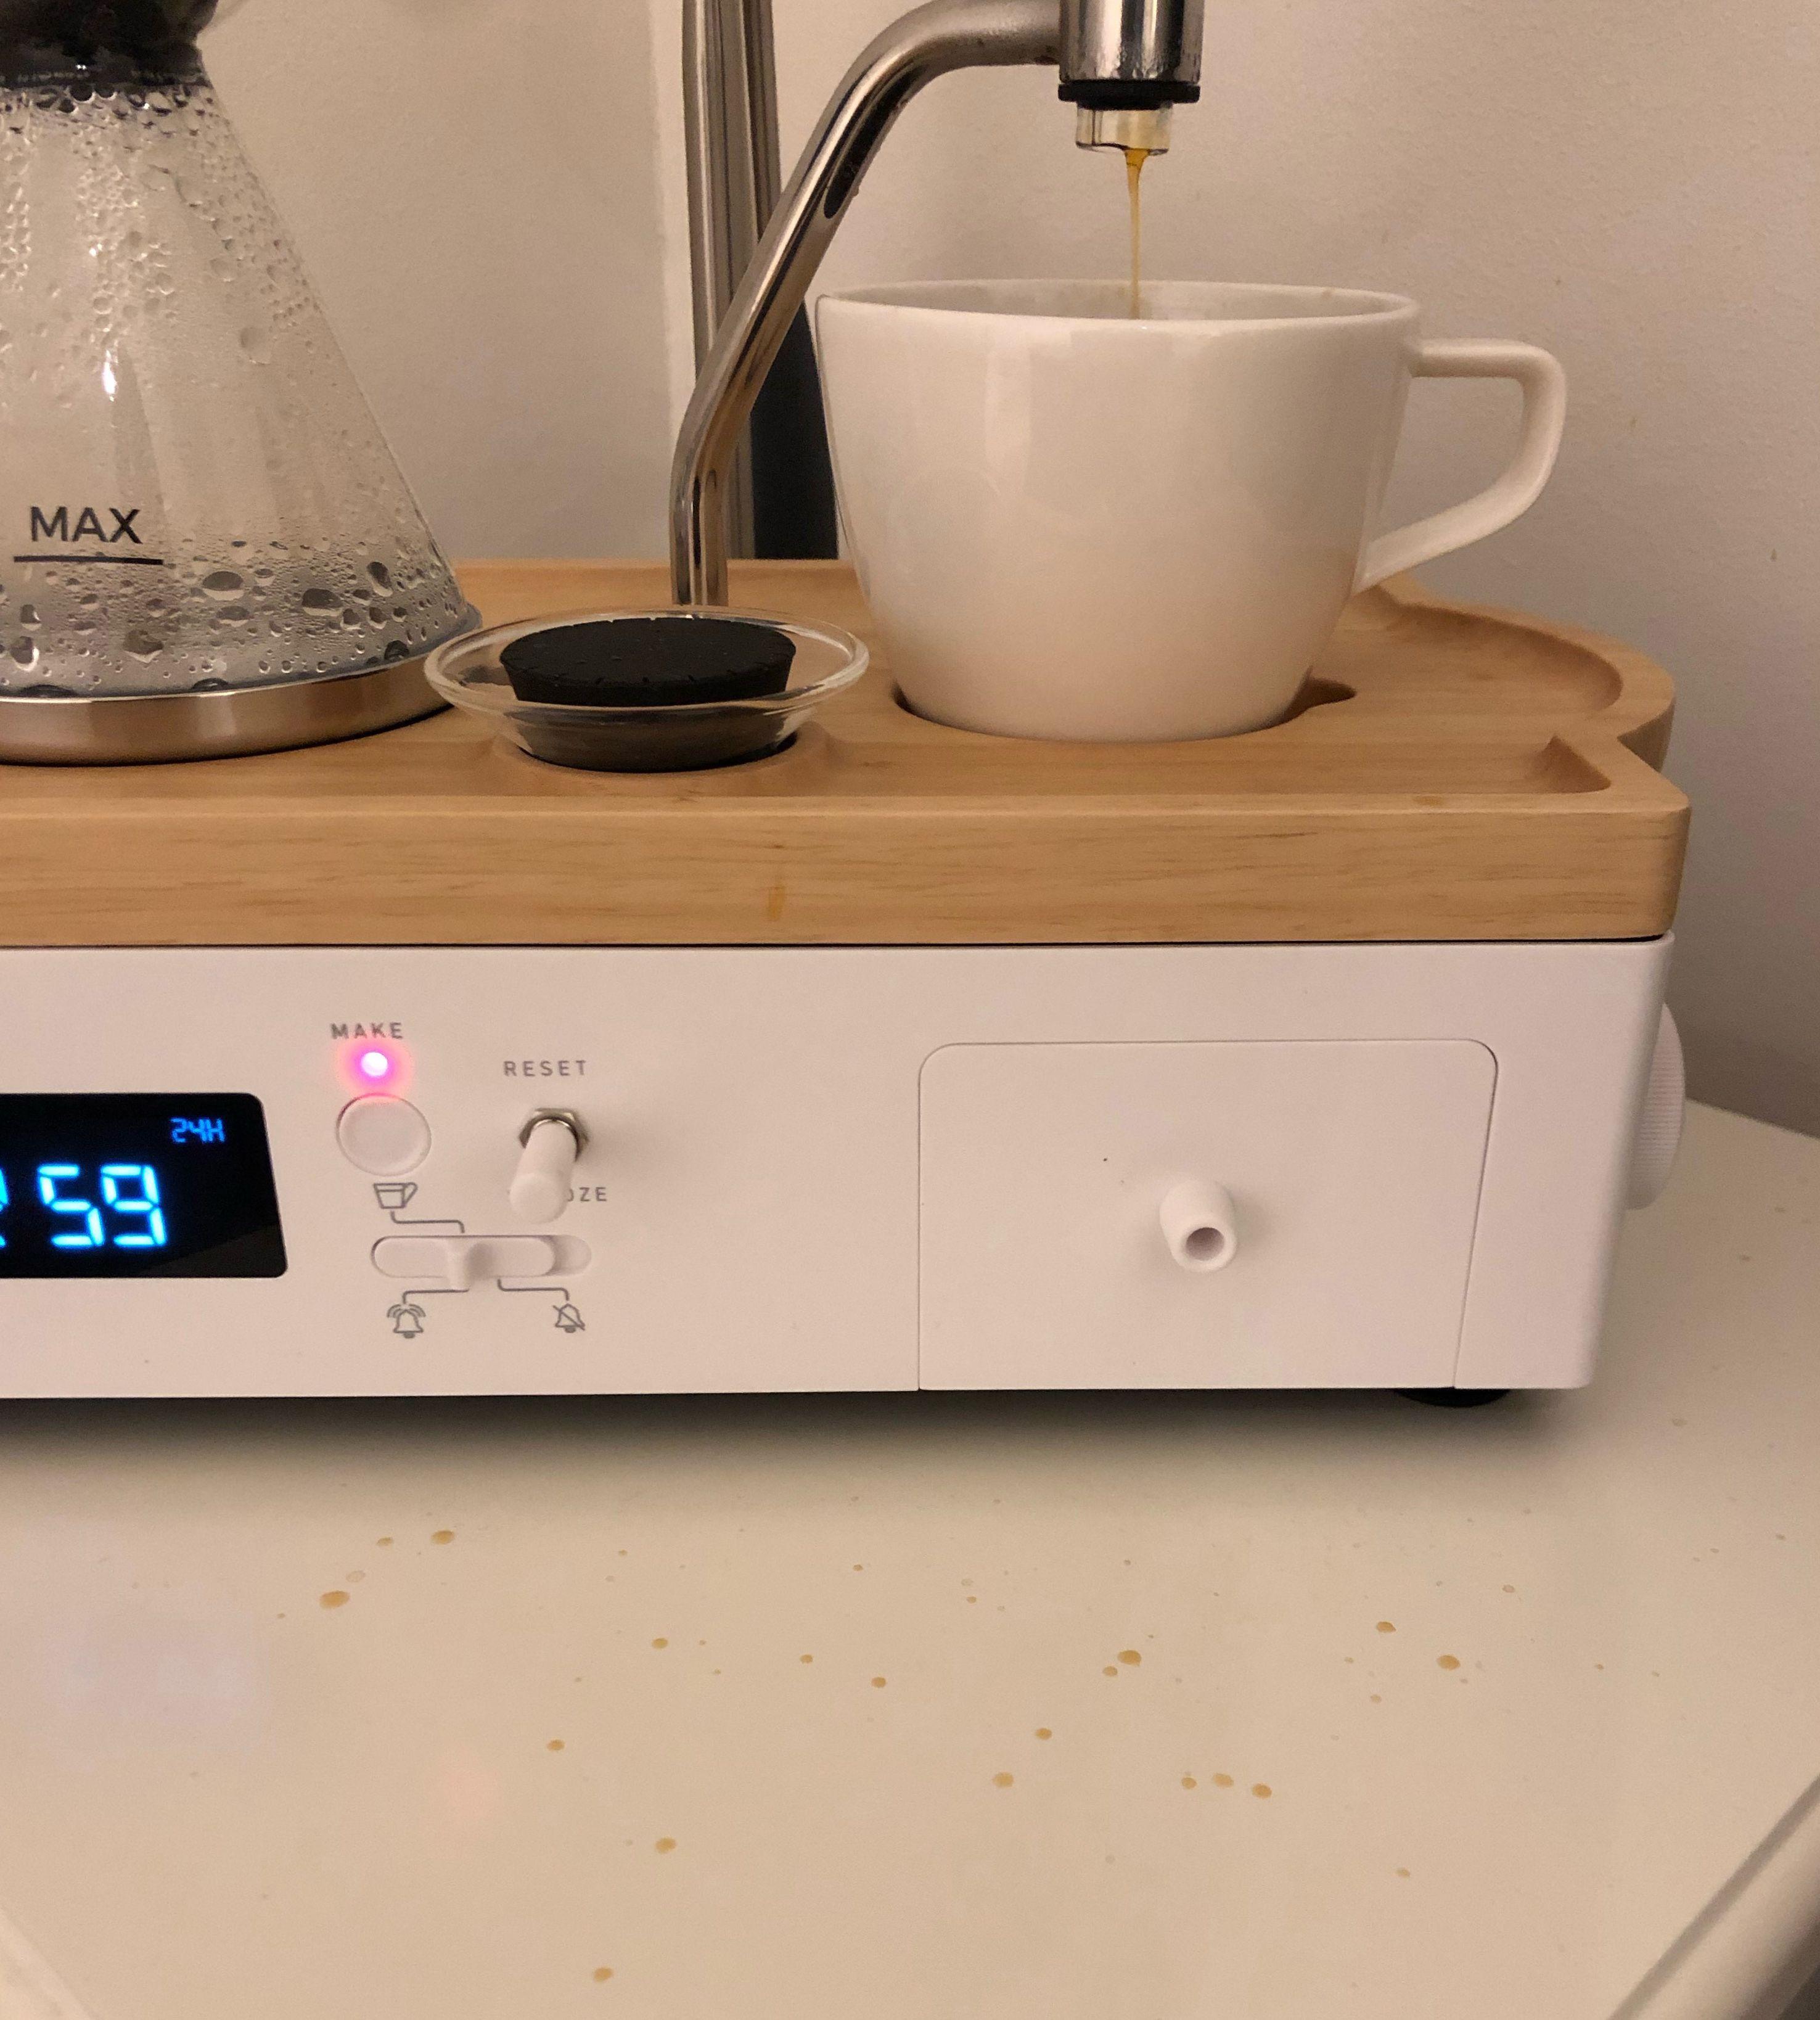 Det har lett for å sprute over koppen. Bruk en et større krus, så slipper du vaske både nattbord og vegg etter hver bruk.